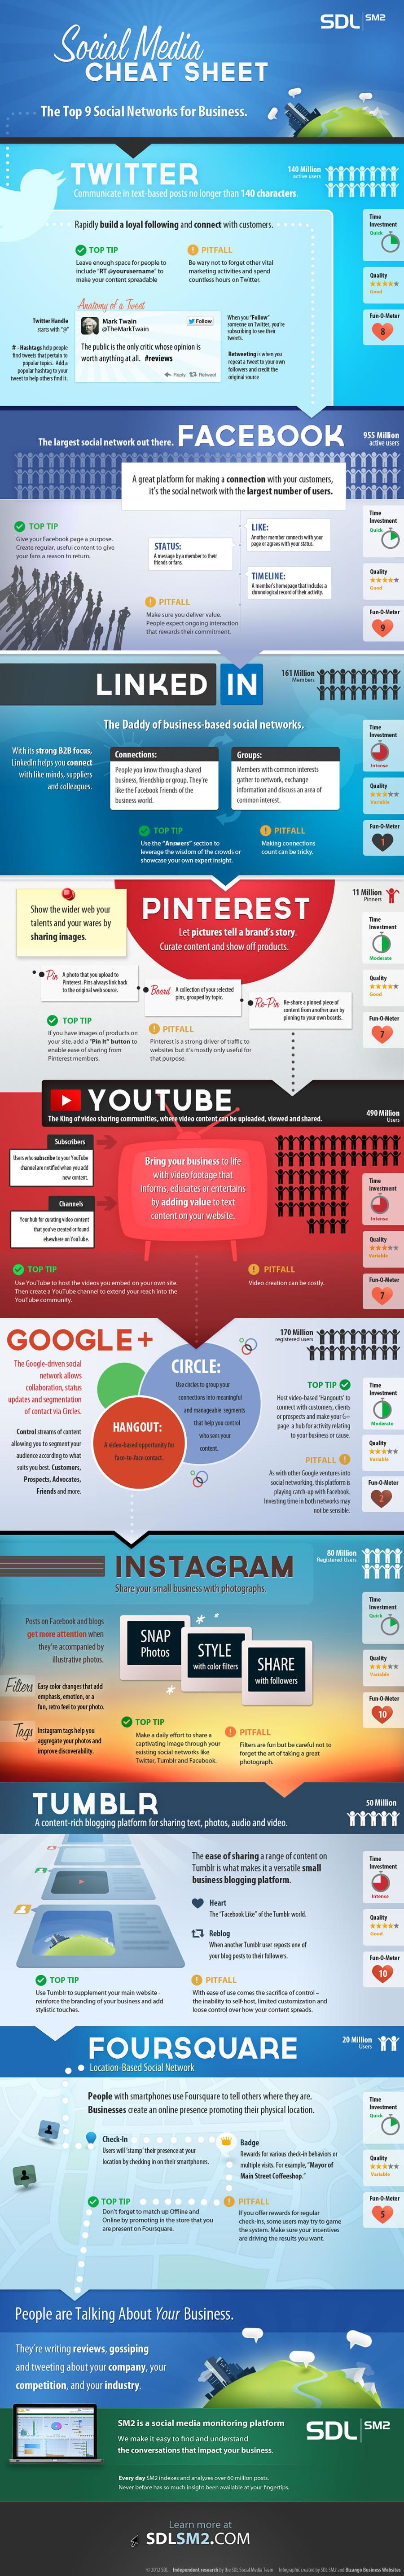 infographie   tous savoir sur les r u00e9seaux sociaux